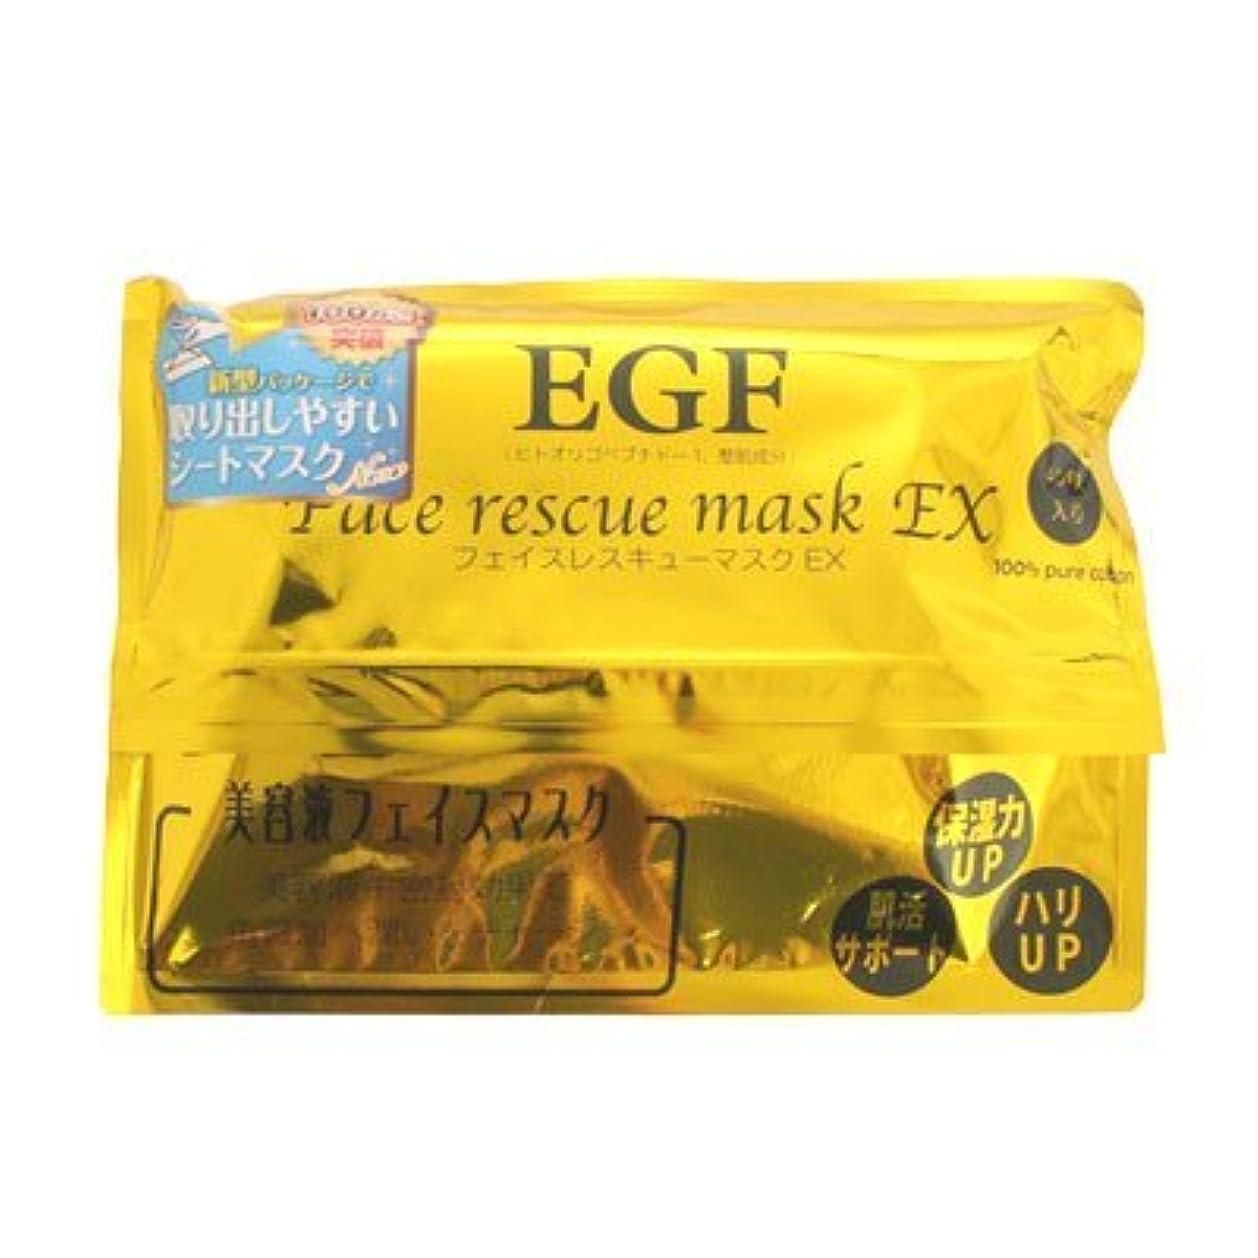 スタイルパケット応じるEGF フェイス レスキュー マスク EX (40枚入り)